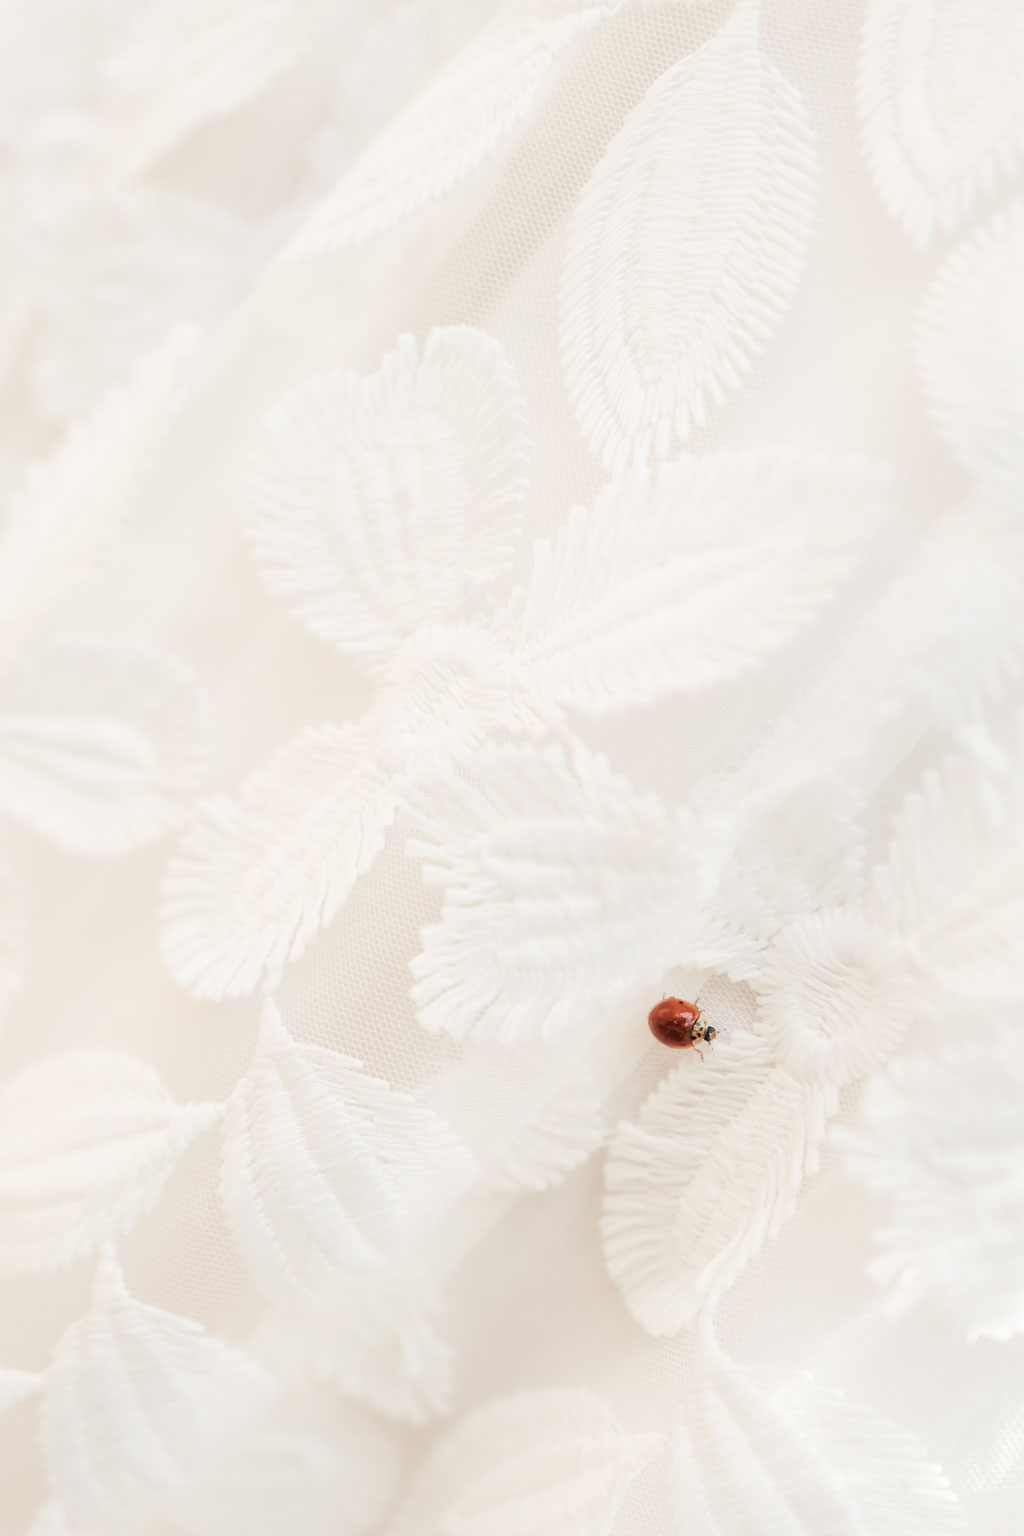 Hochzeitsfotografin Idstein, Hochzeitskleid, Glückskäfer, Marienkäfer, Details